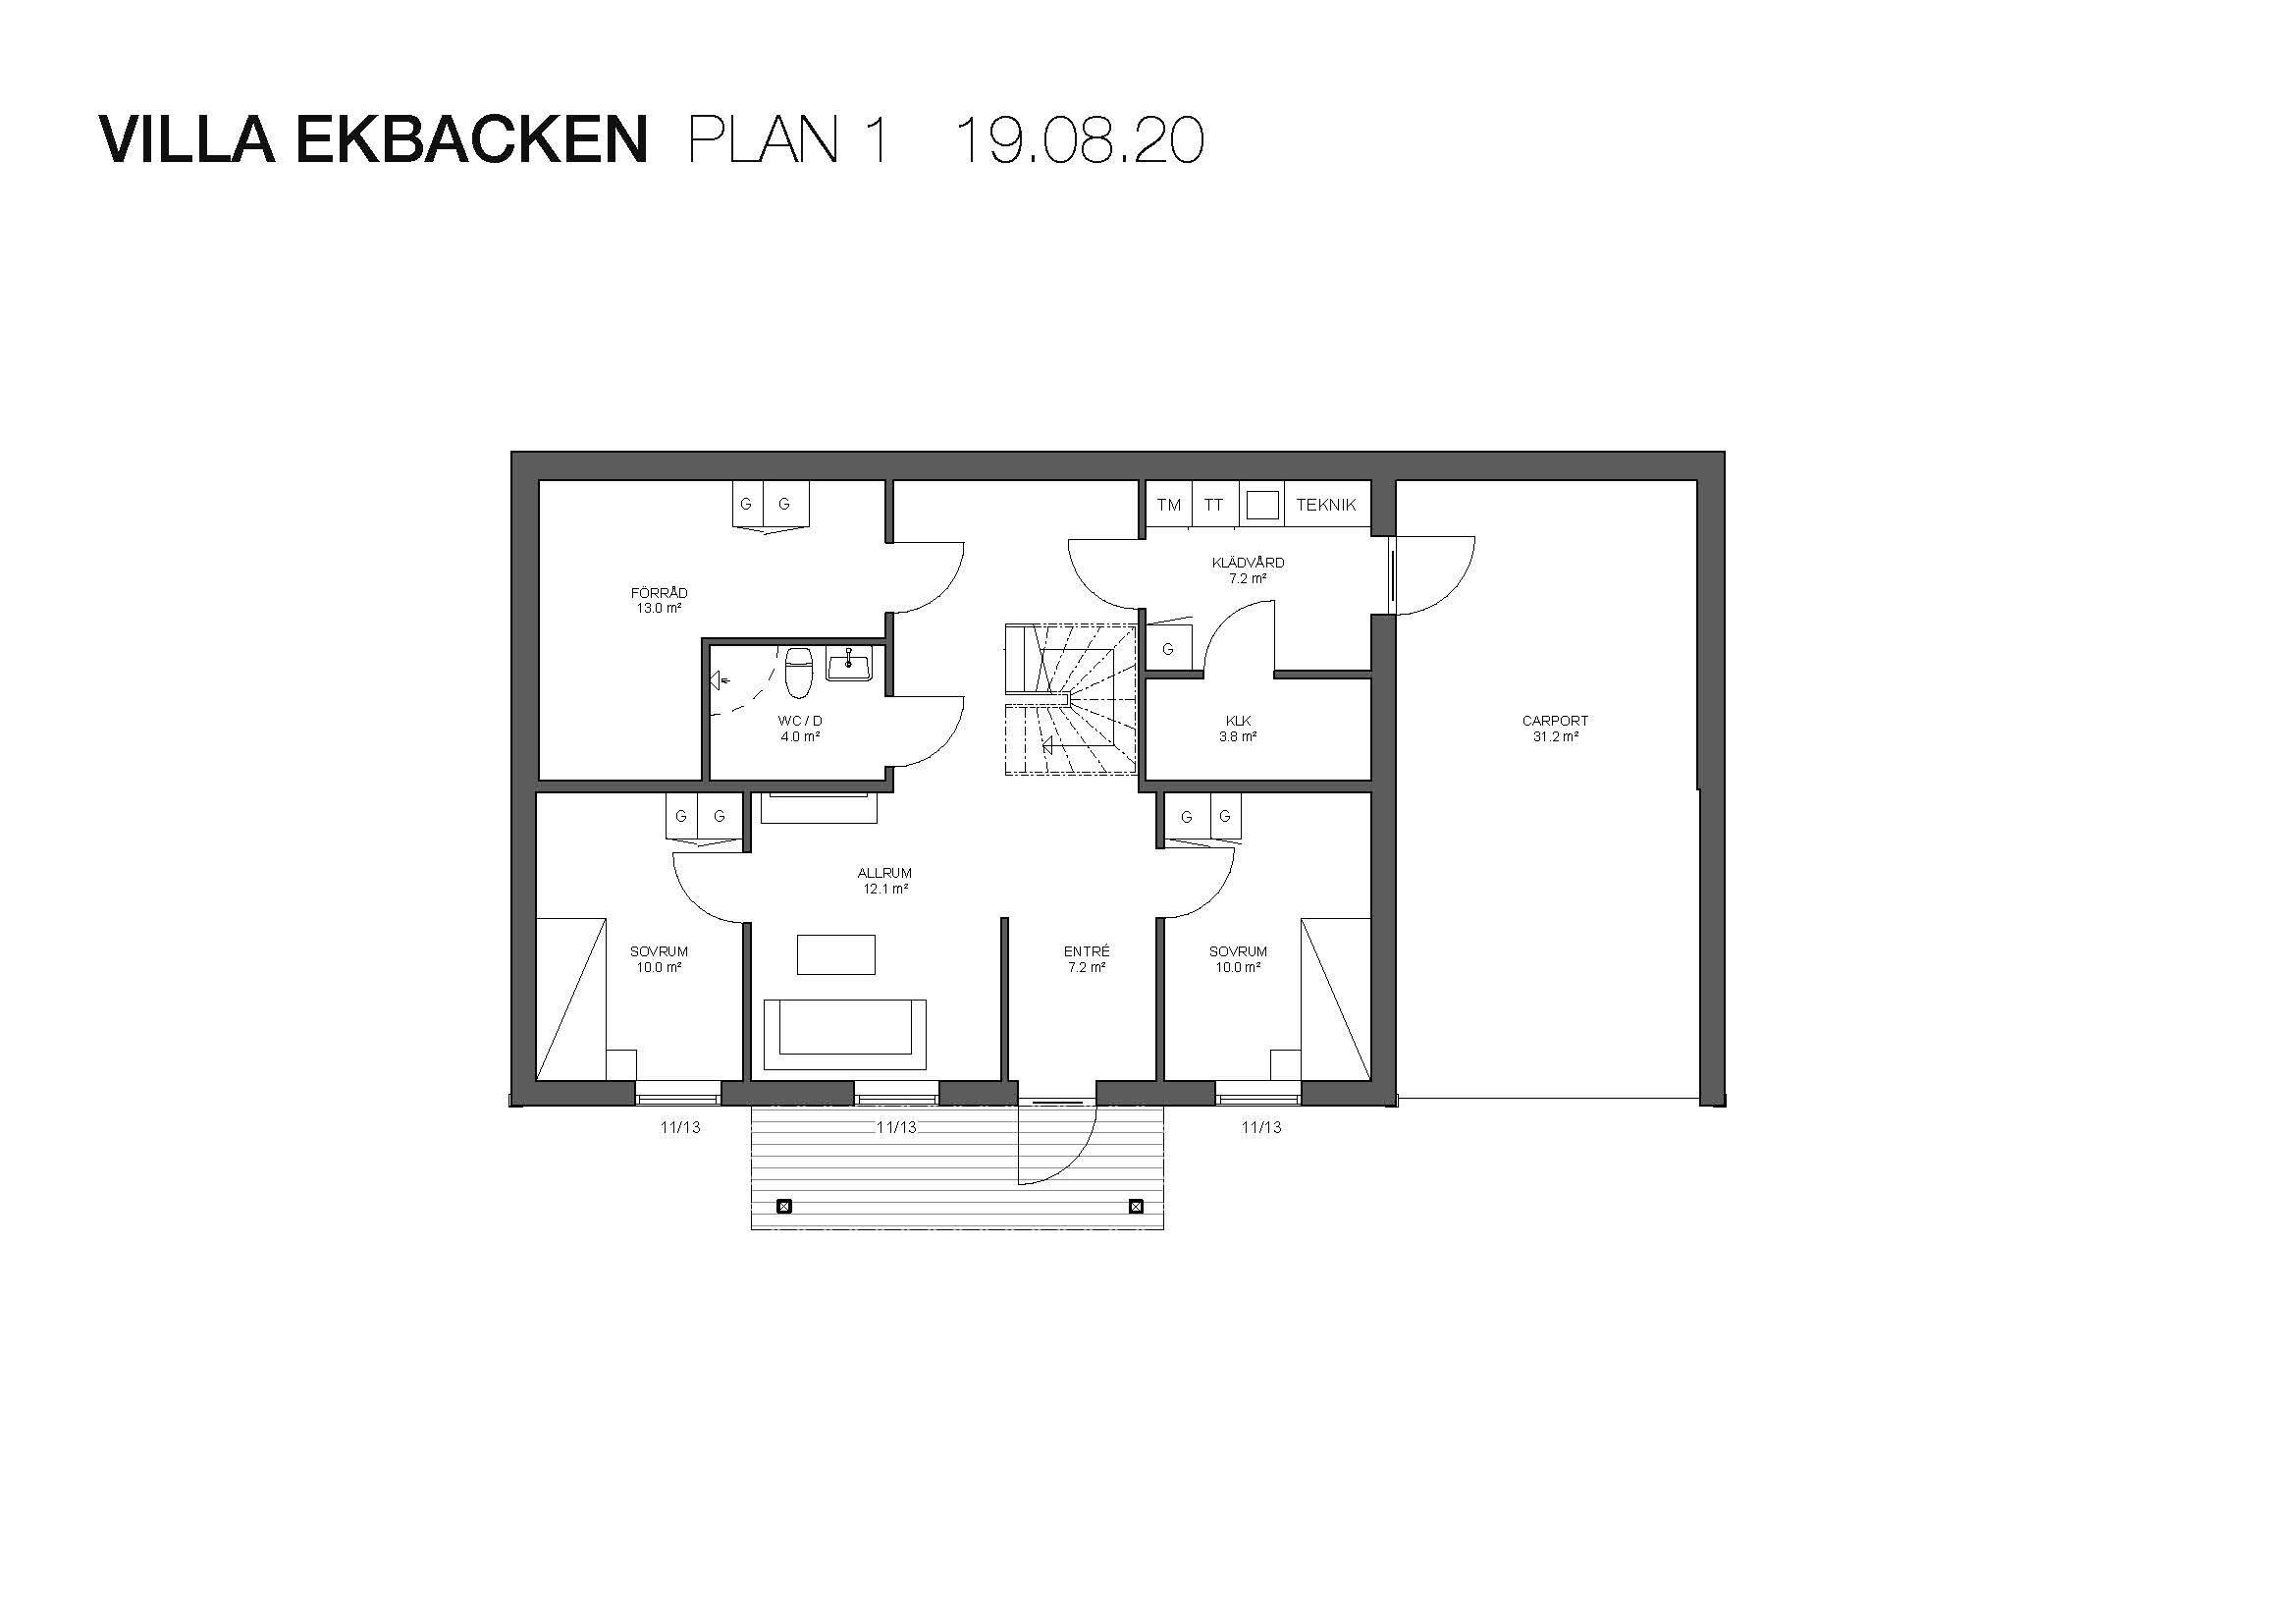 ekbacken planer 190820_Sida_1.jpg